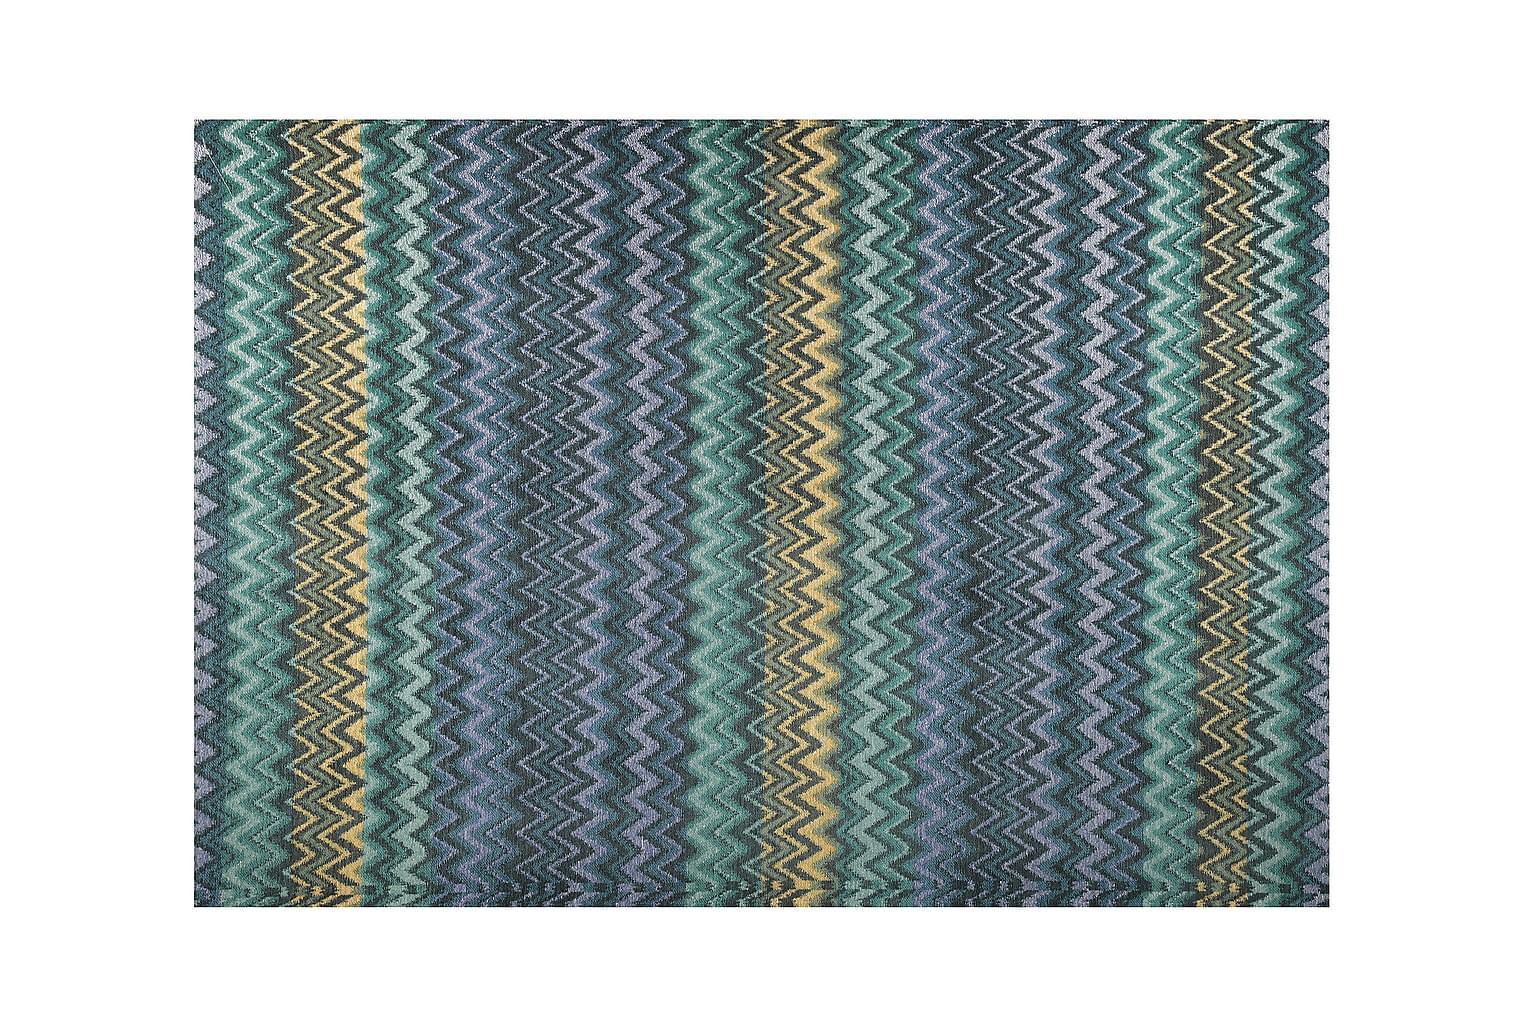 SANTORINI Matto 160x230 Sininen